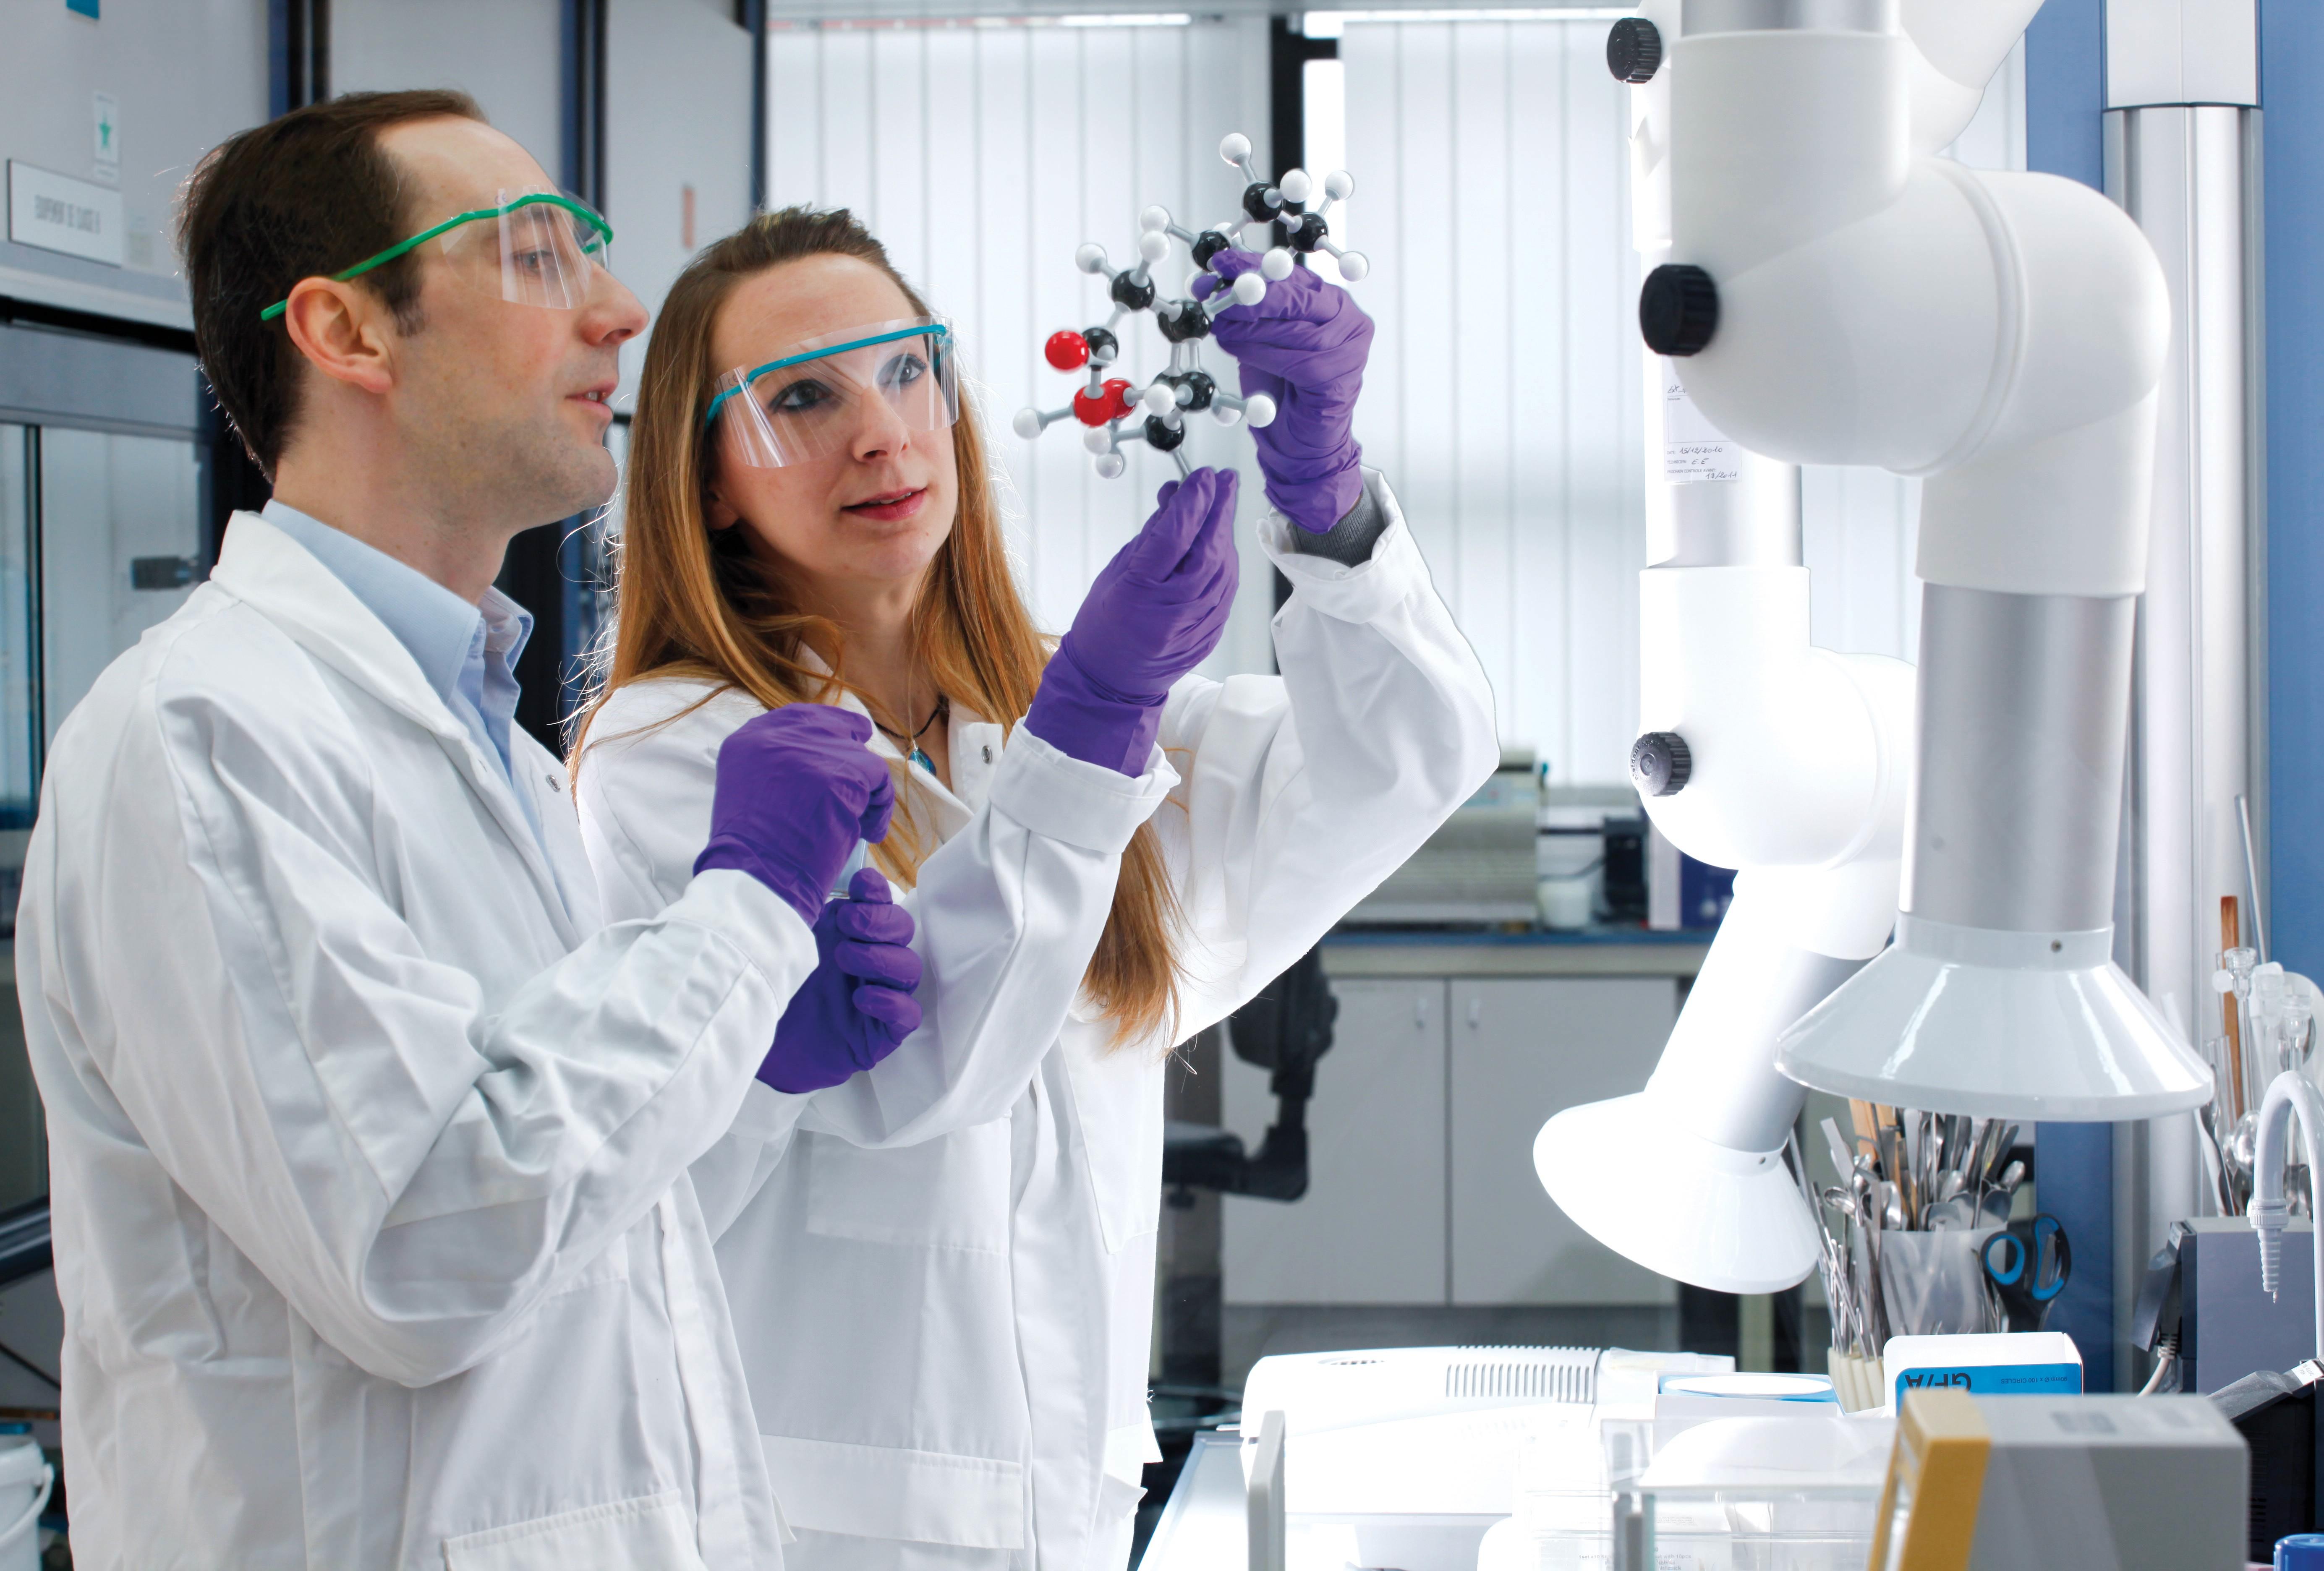 L'Oreal quer 'imprimir' pele humana - e testar seus